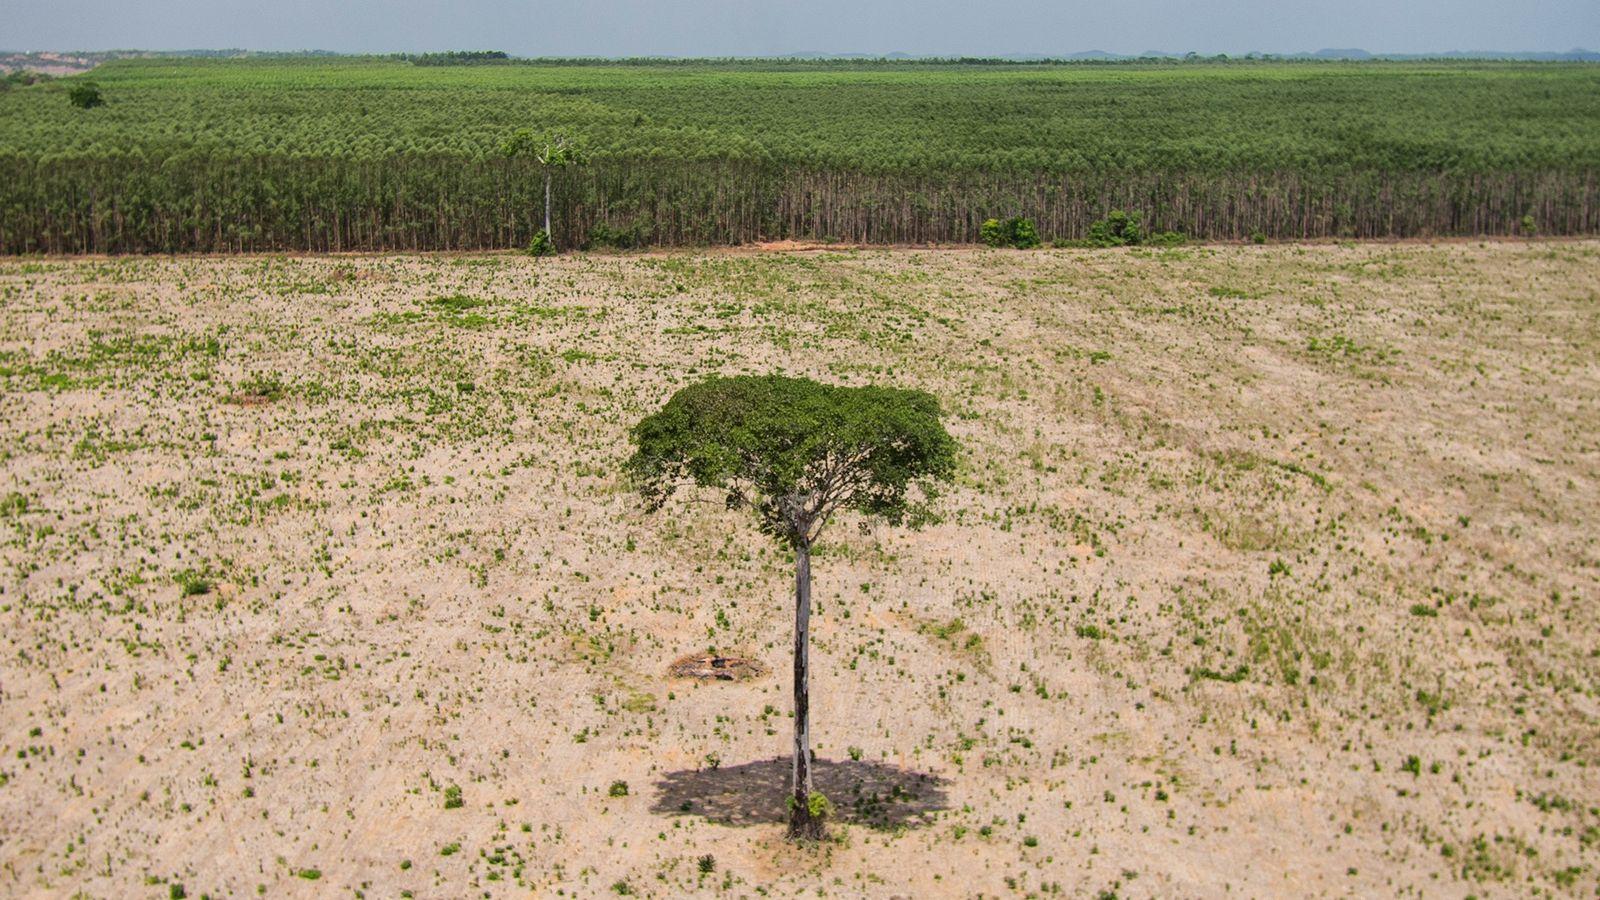 Uma árvore solitáriasobrevive em uma área desmatada do Maranhão, no extremo nordeste da floresta amazônica.